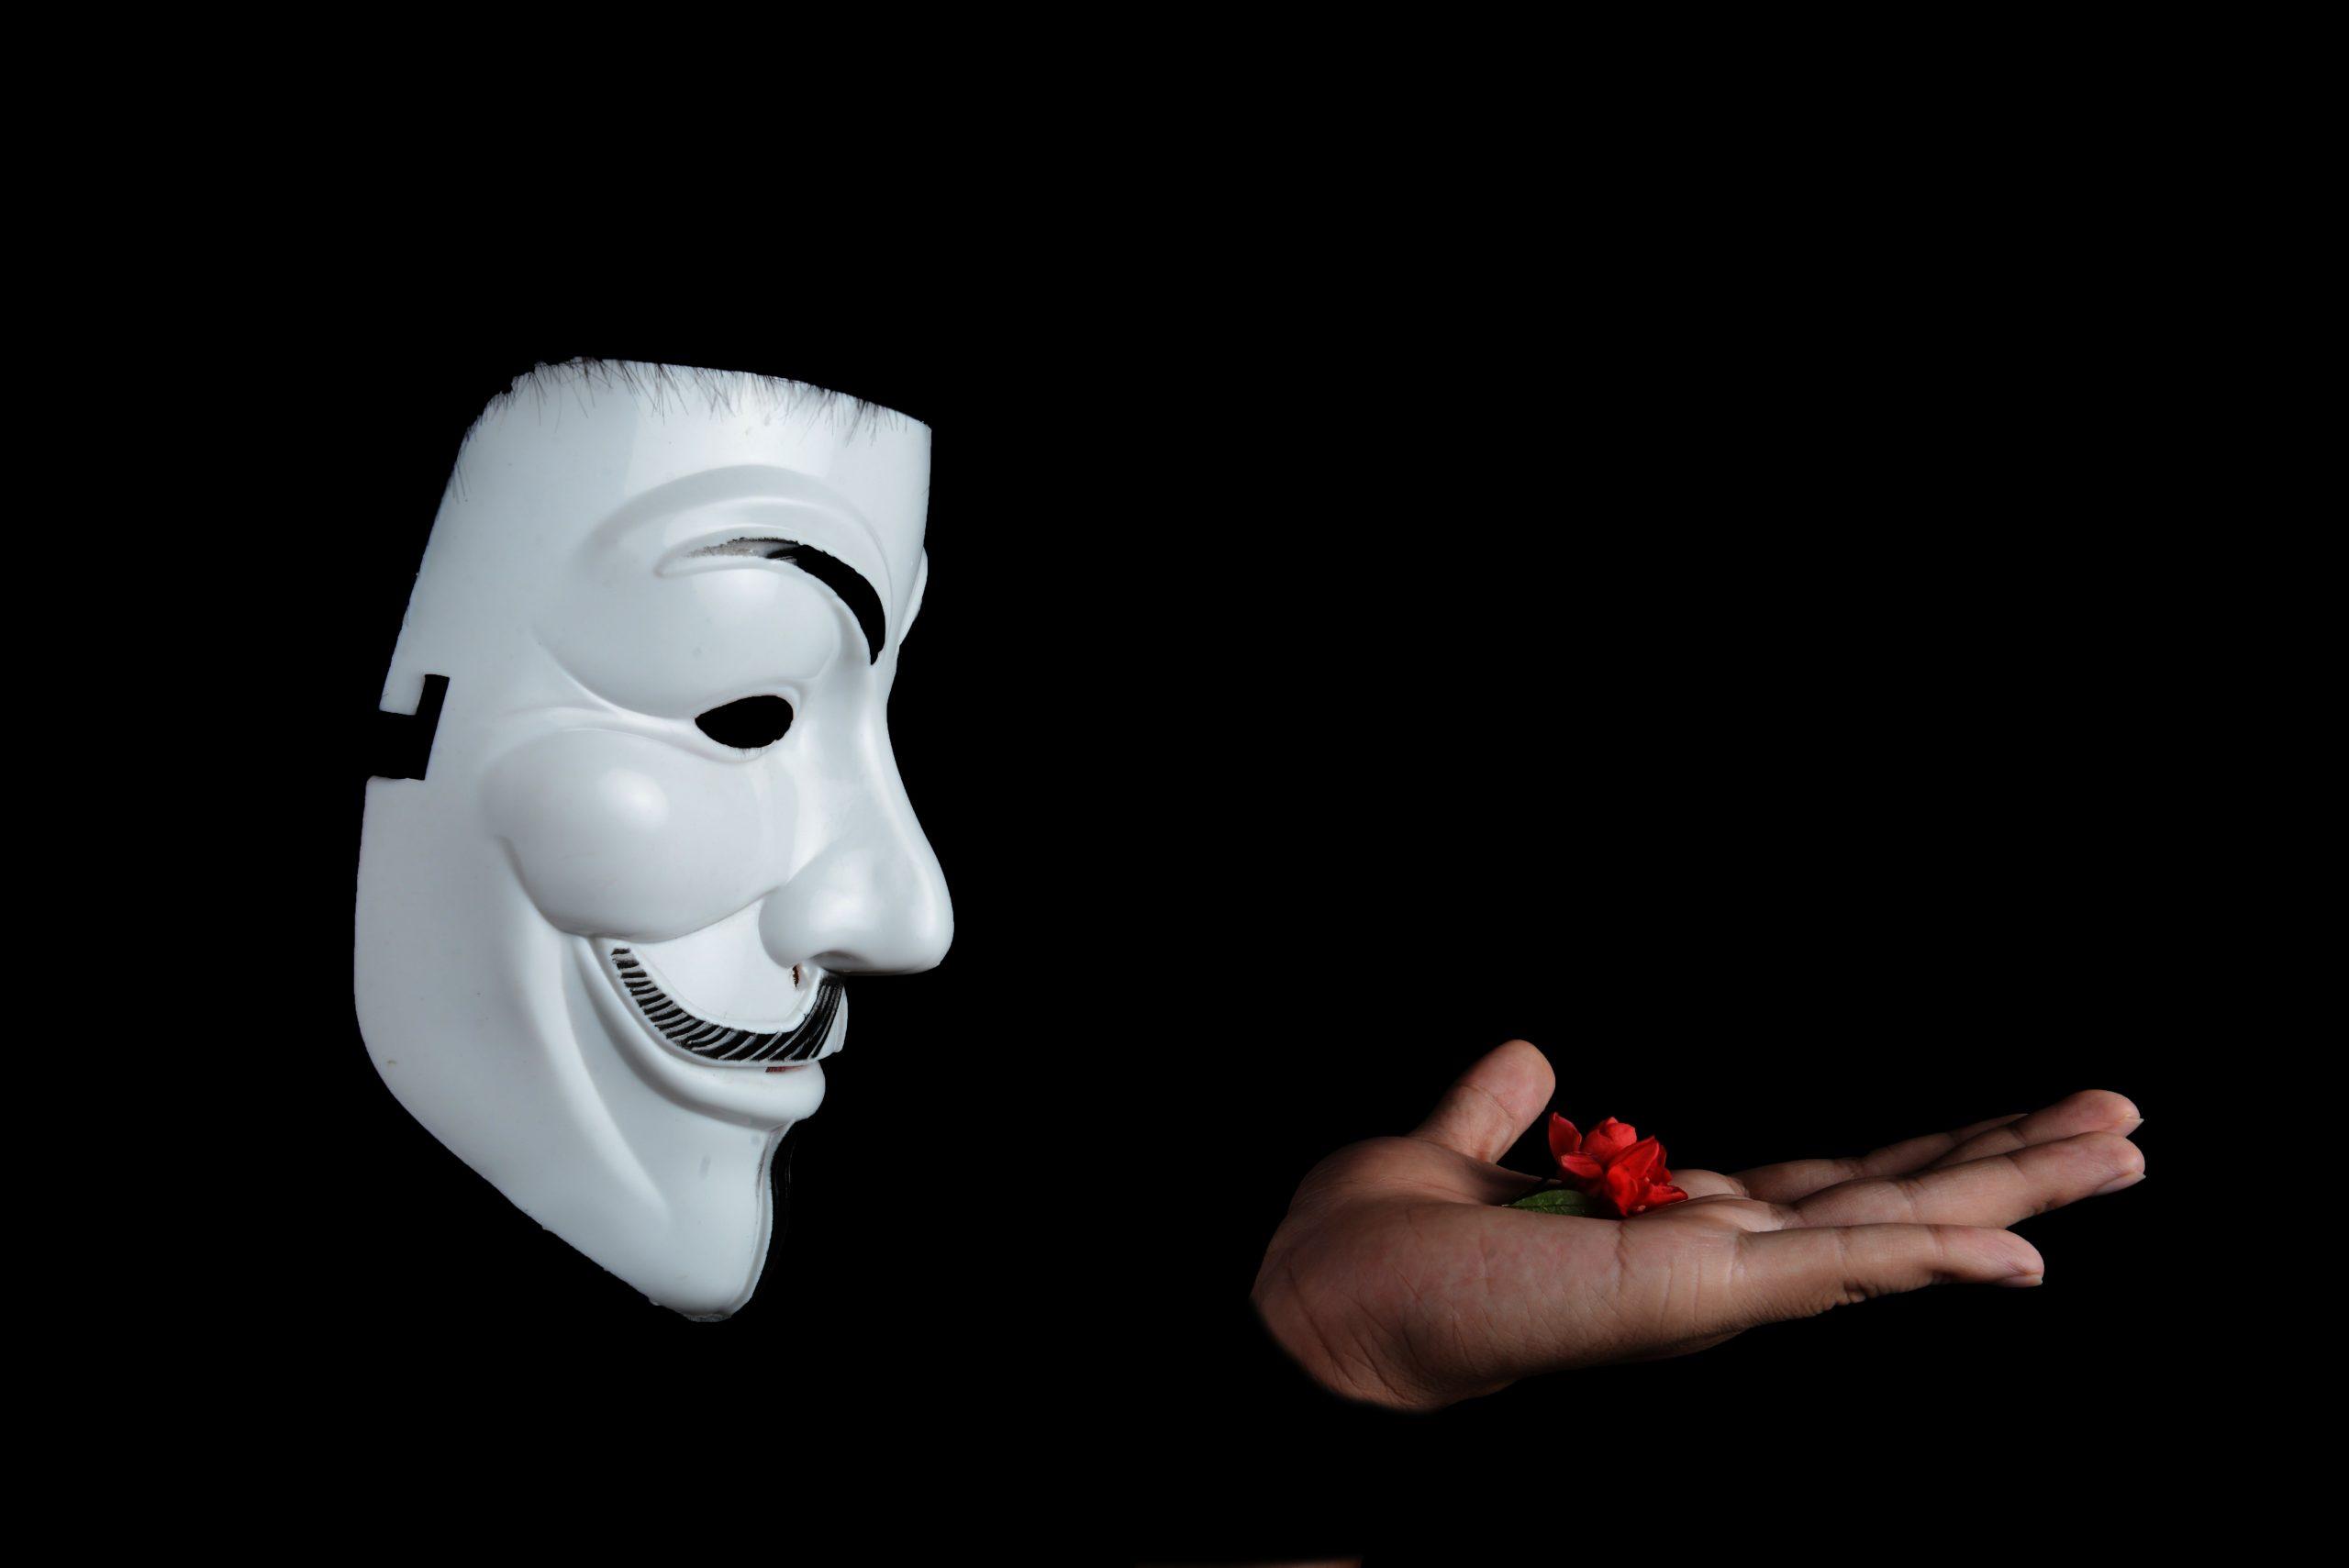 【教學】彙整徵信社常見的幾種詐騙手法以及如何正確挑選徵信社!